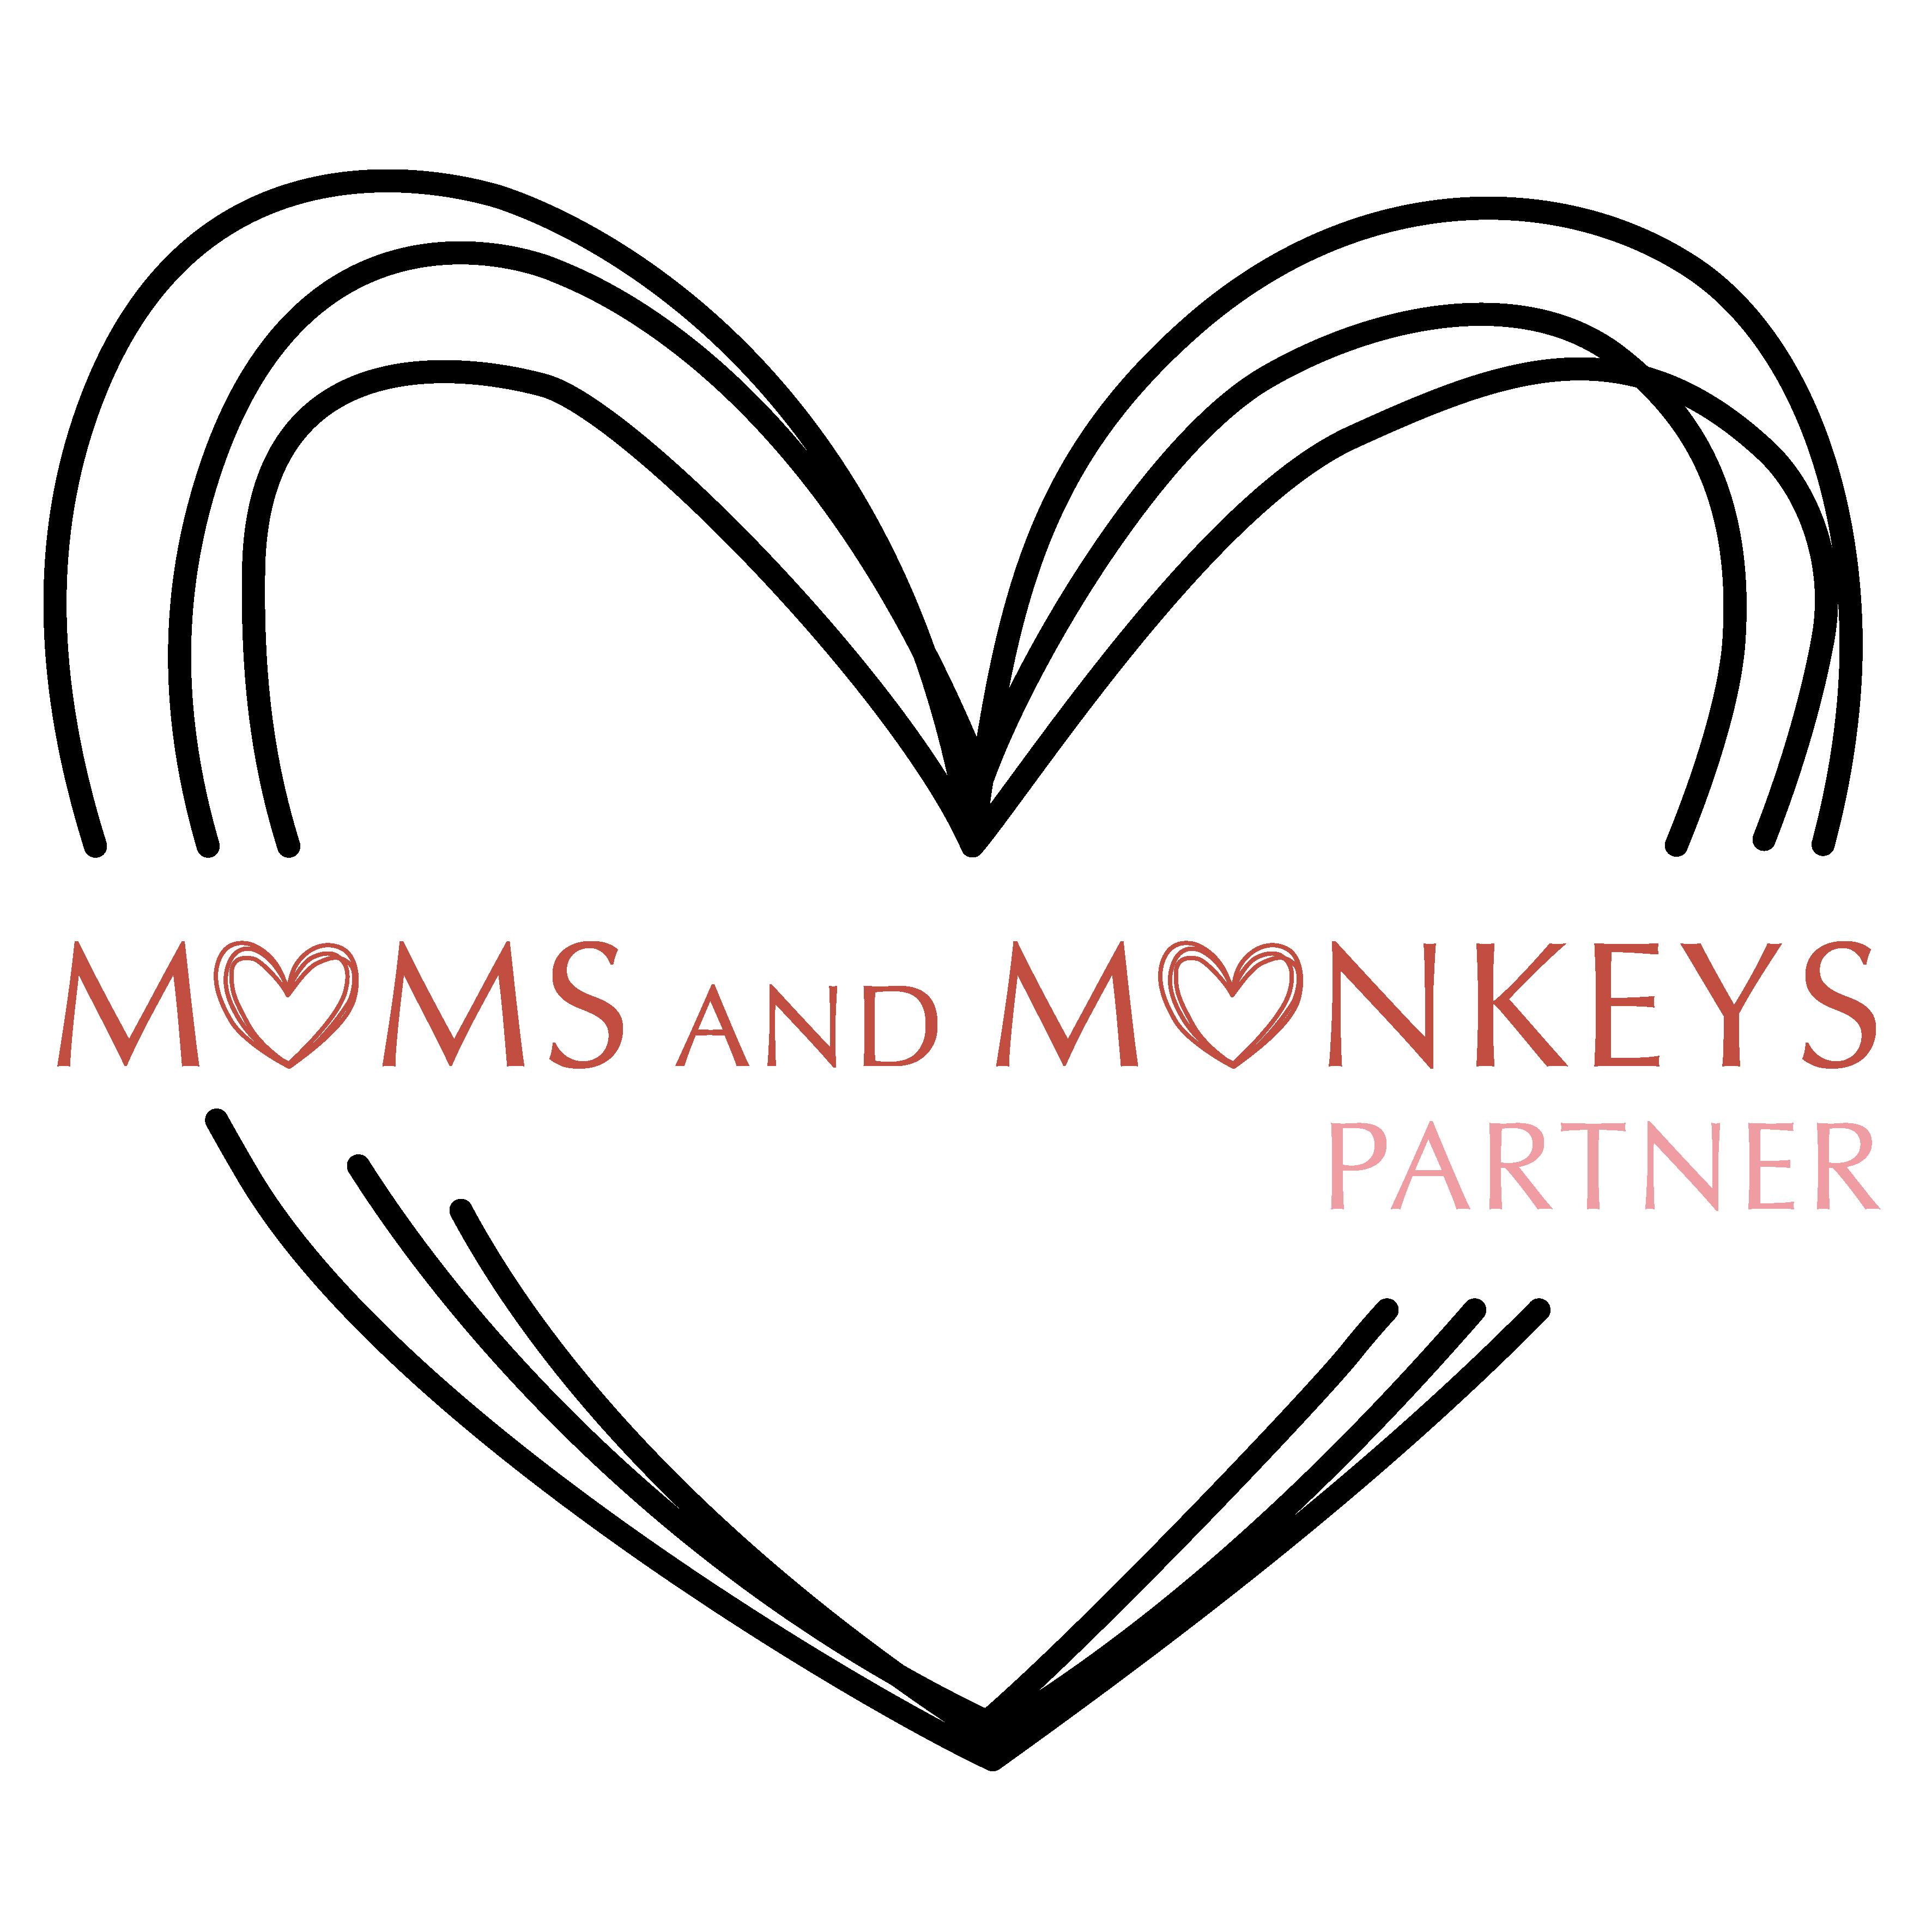 Partner Moms and Monkeys